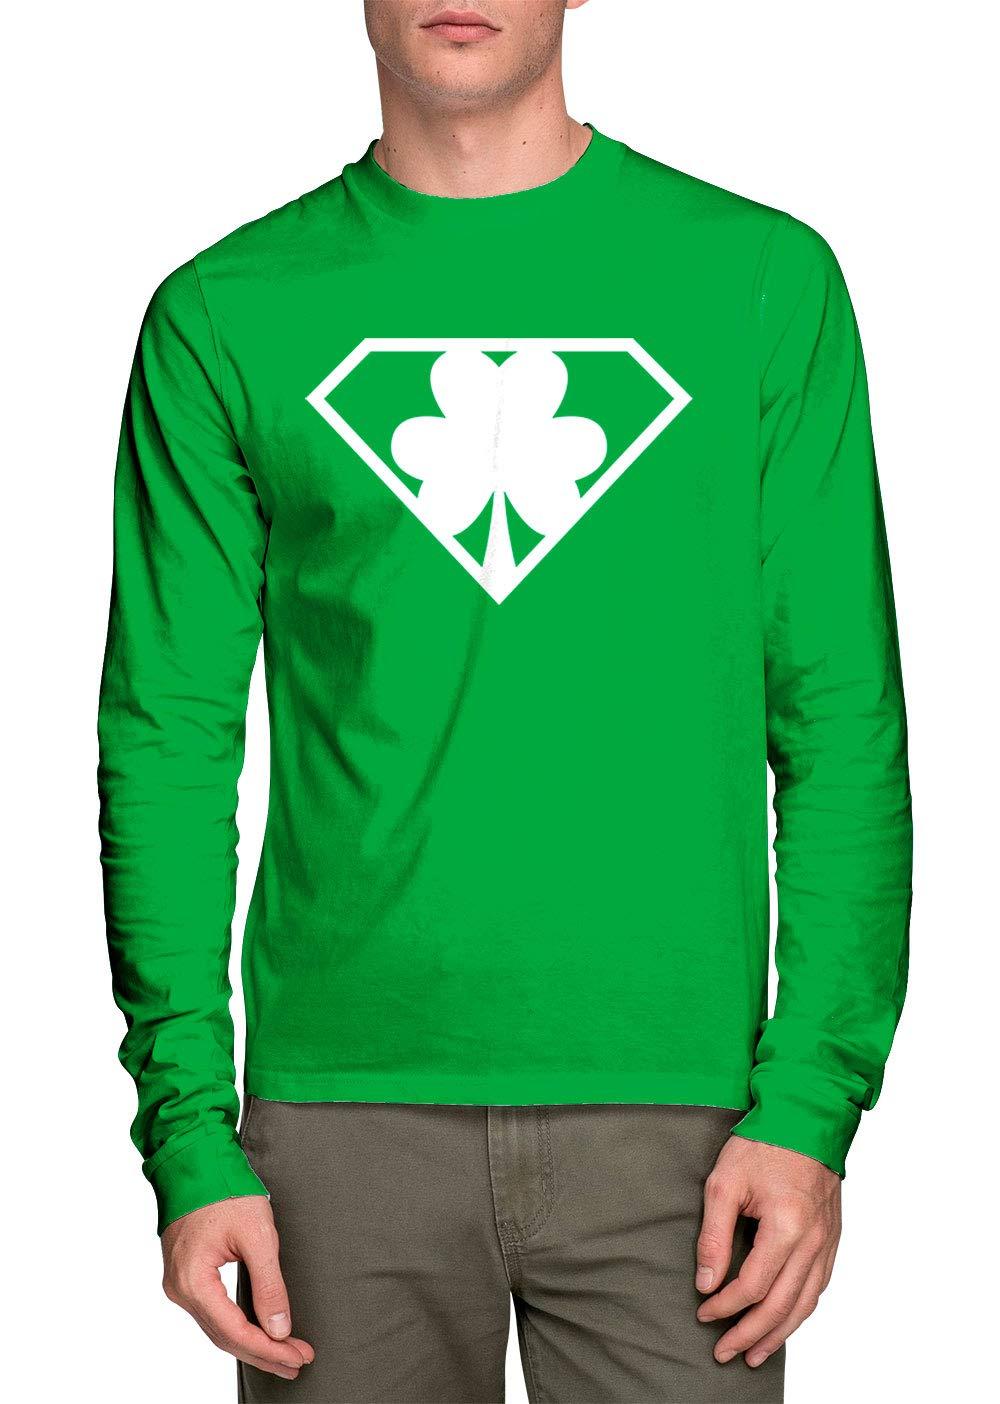 Unisex Irishman Shirt 2020